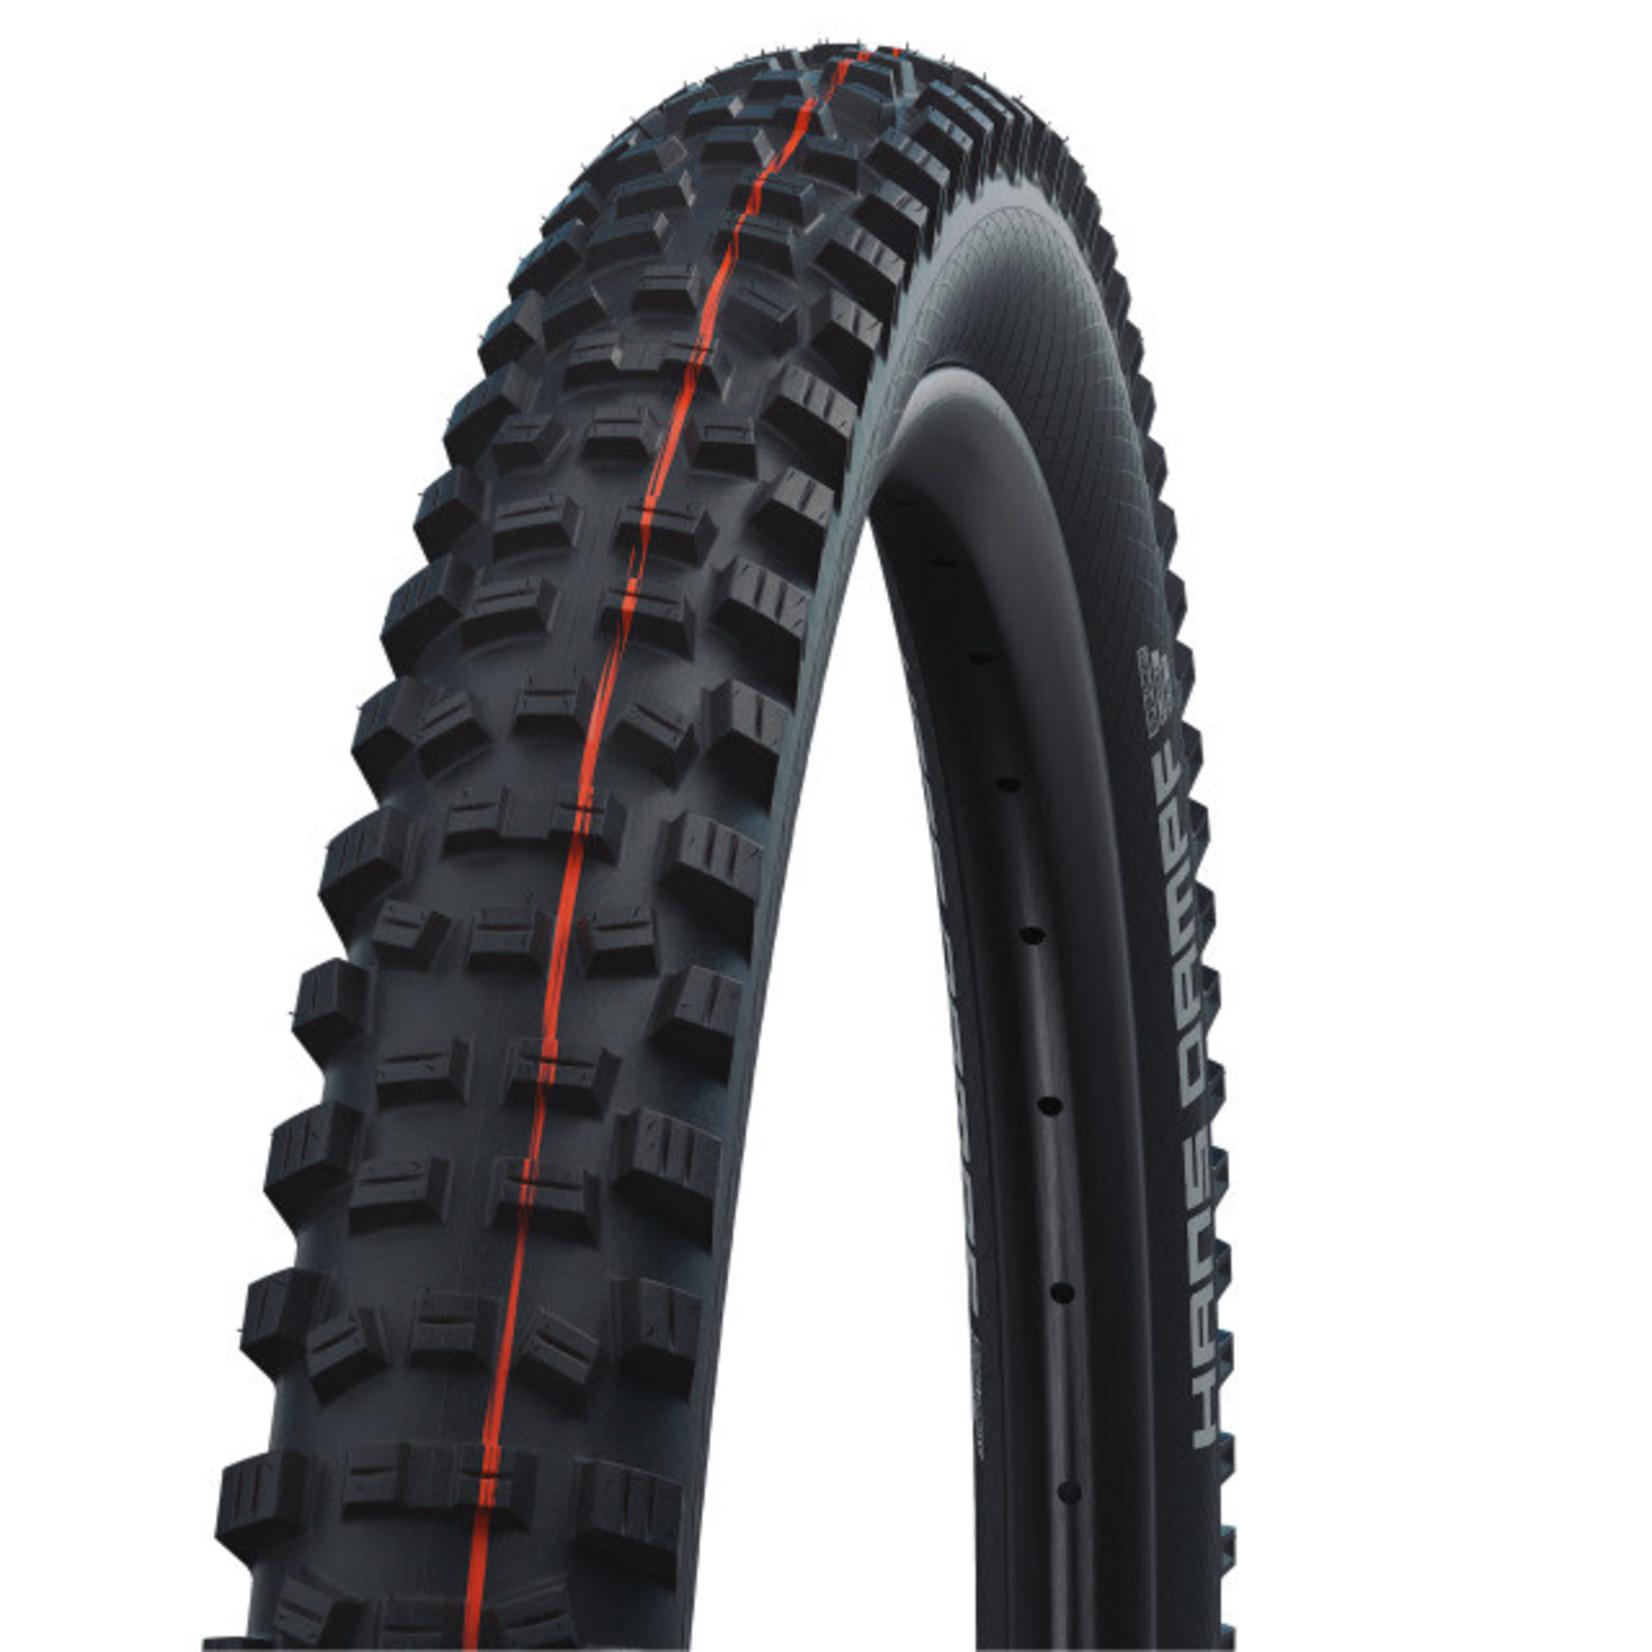 SCHWALBE SCHWALBE - Reifen Hans Danpf 27.5x2.8 - Evo, Super Trail, ADDIX SpeedGrip